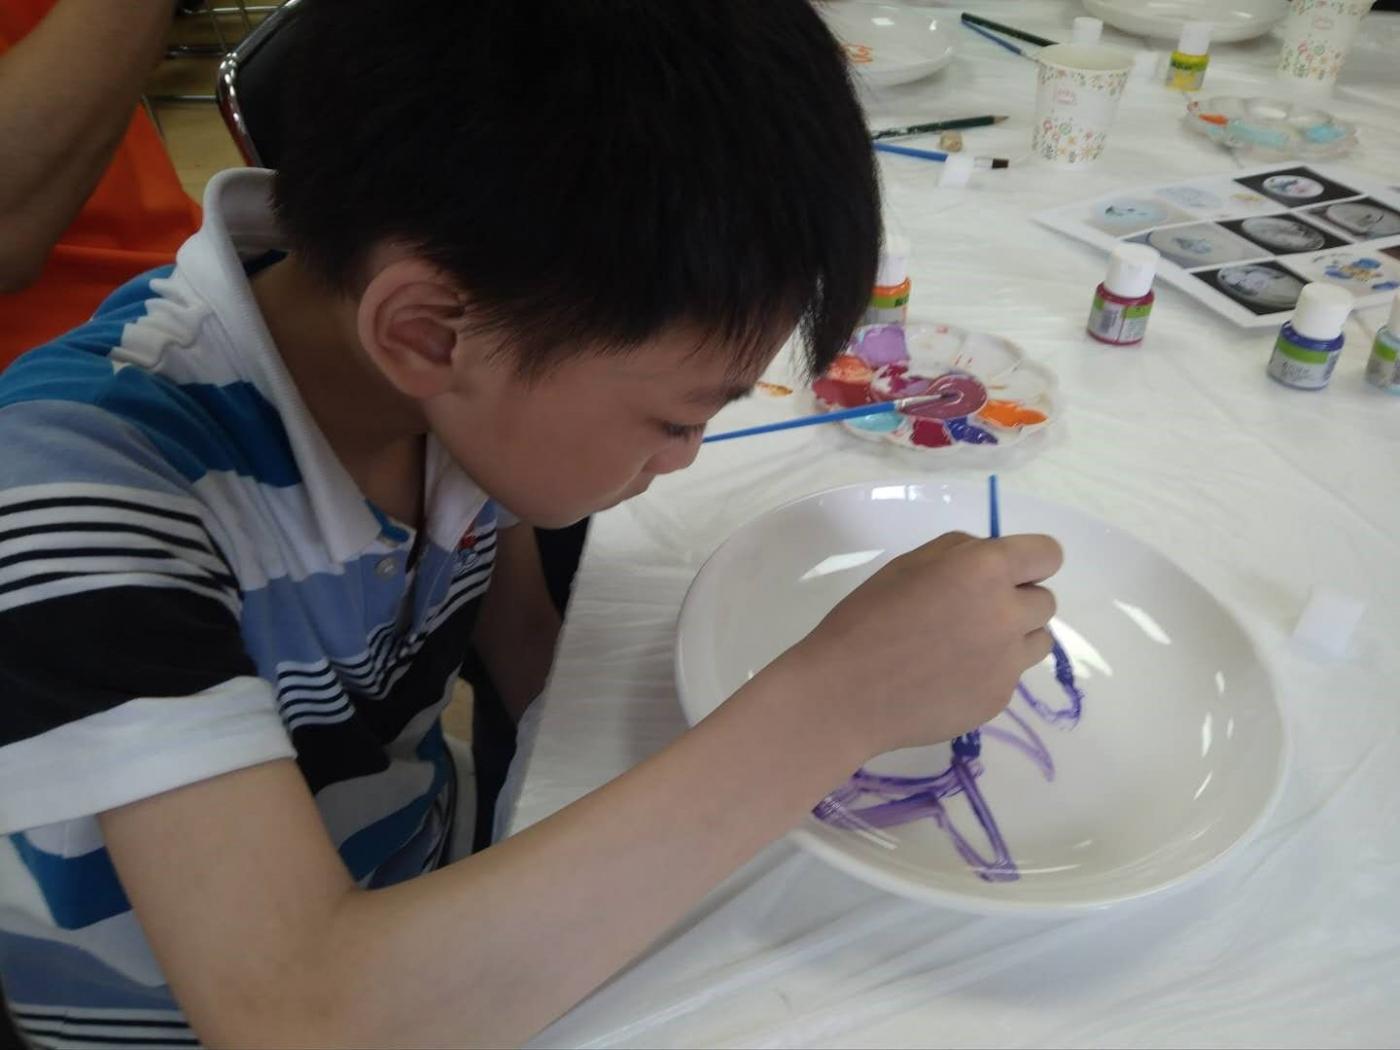 瓷盘彩色绘画_图1-21